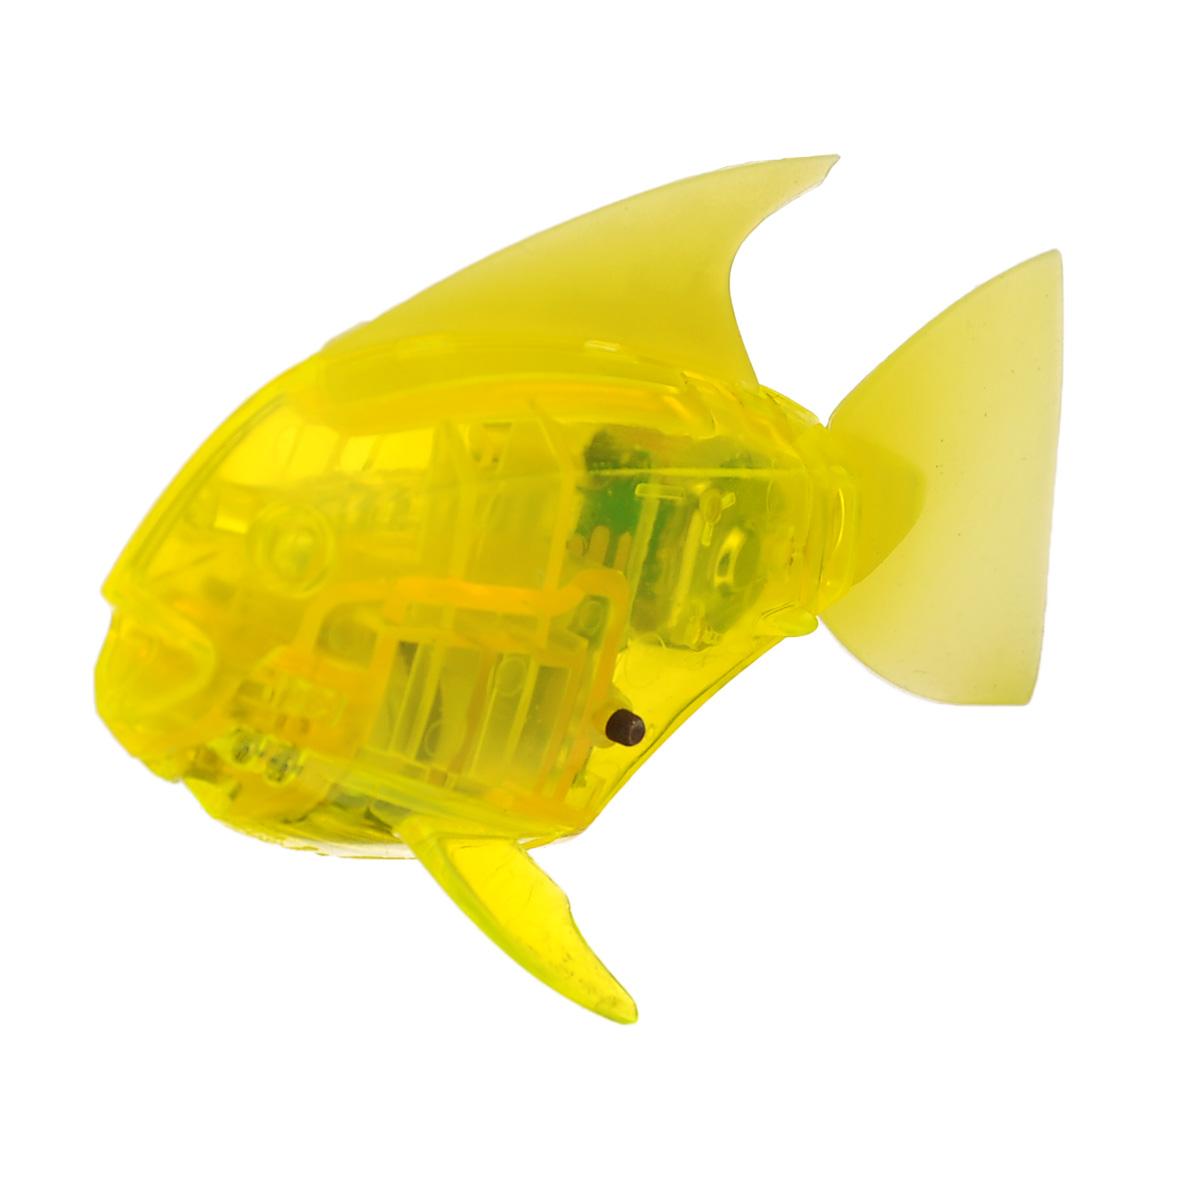 Микро-робот рыбка Hexbug Aquabot Angelfish, со световыми эффектами, цвет: желтый460-2976Уникальный микро-робот рыбка Hexbug Aquabot Angelfish изготовлен из безопасного пластика и выполнен в виде забавной рыбки. Теперь микро-роботы осваивают и водные глубины! Микро-робот рыбка Hexbug Aquabot Angelfish плавает как настоящая рыба и непредсказуем в направлении движения. Опустите его в воду и он оживет! Если микро-робот замер, то достаточно просто всколыхнуть воду и он снова поплывёт. Вне воды микро-робот автоматически выключается. Но и это еще не все, теперь микро-роботы рыбки оснащены световыми эффектами! Для работы игрушки необходимы 2 батареи типа LR44 (в комплекте 2 демонстрационные и 2 запасные батареи).